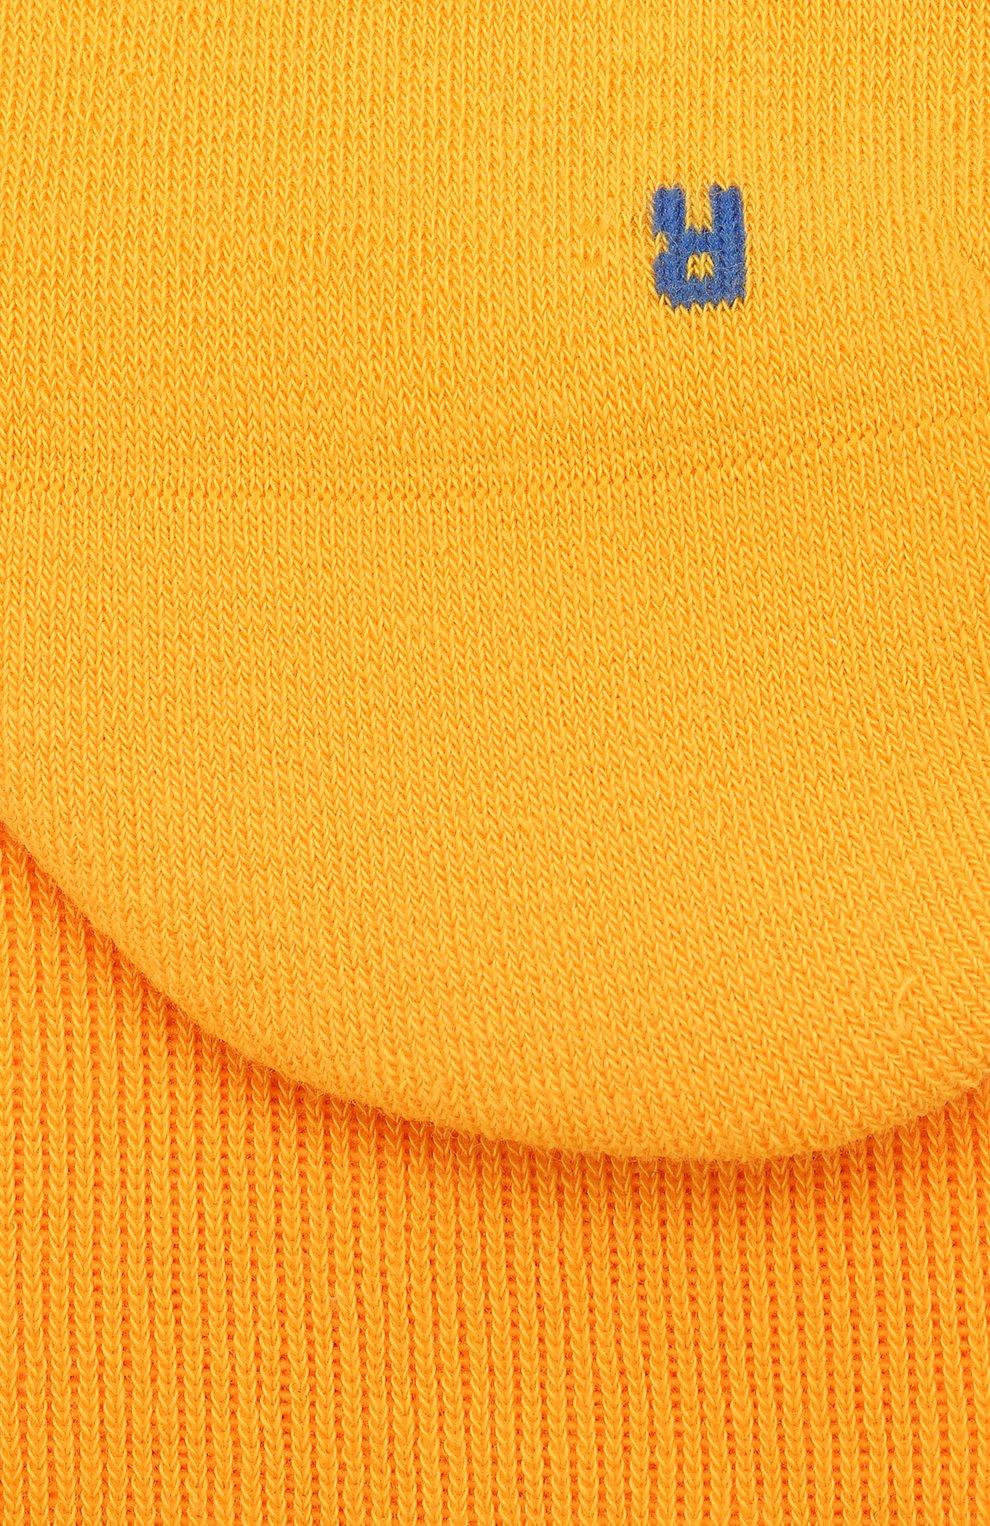 Мужские хлопковые носки FALKE желтого цвета, арт. 16605 | Фото 2 (Кросс-КТ: бельё; Материал внешний: Хлопок)